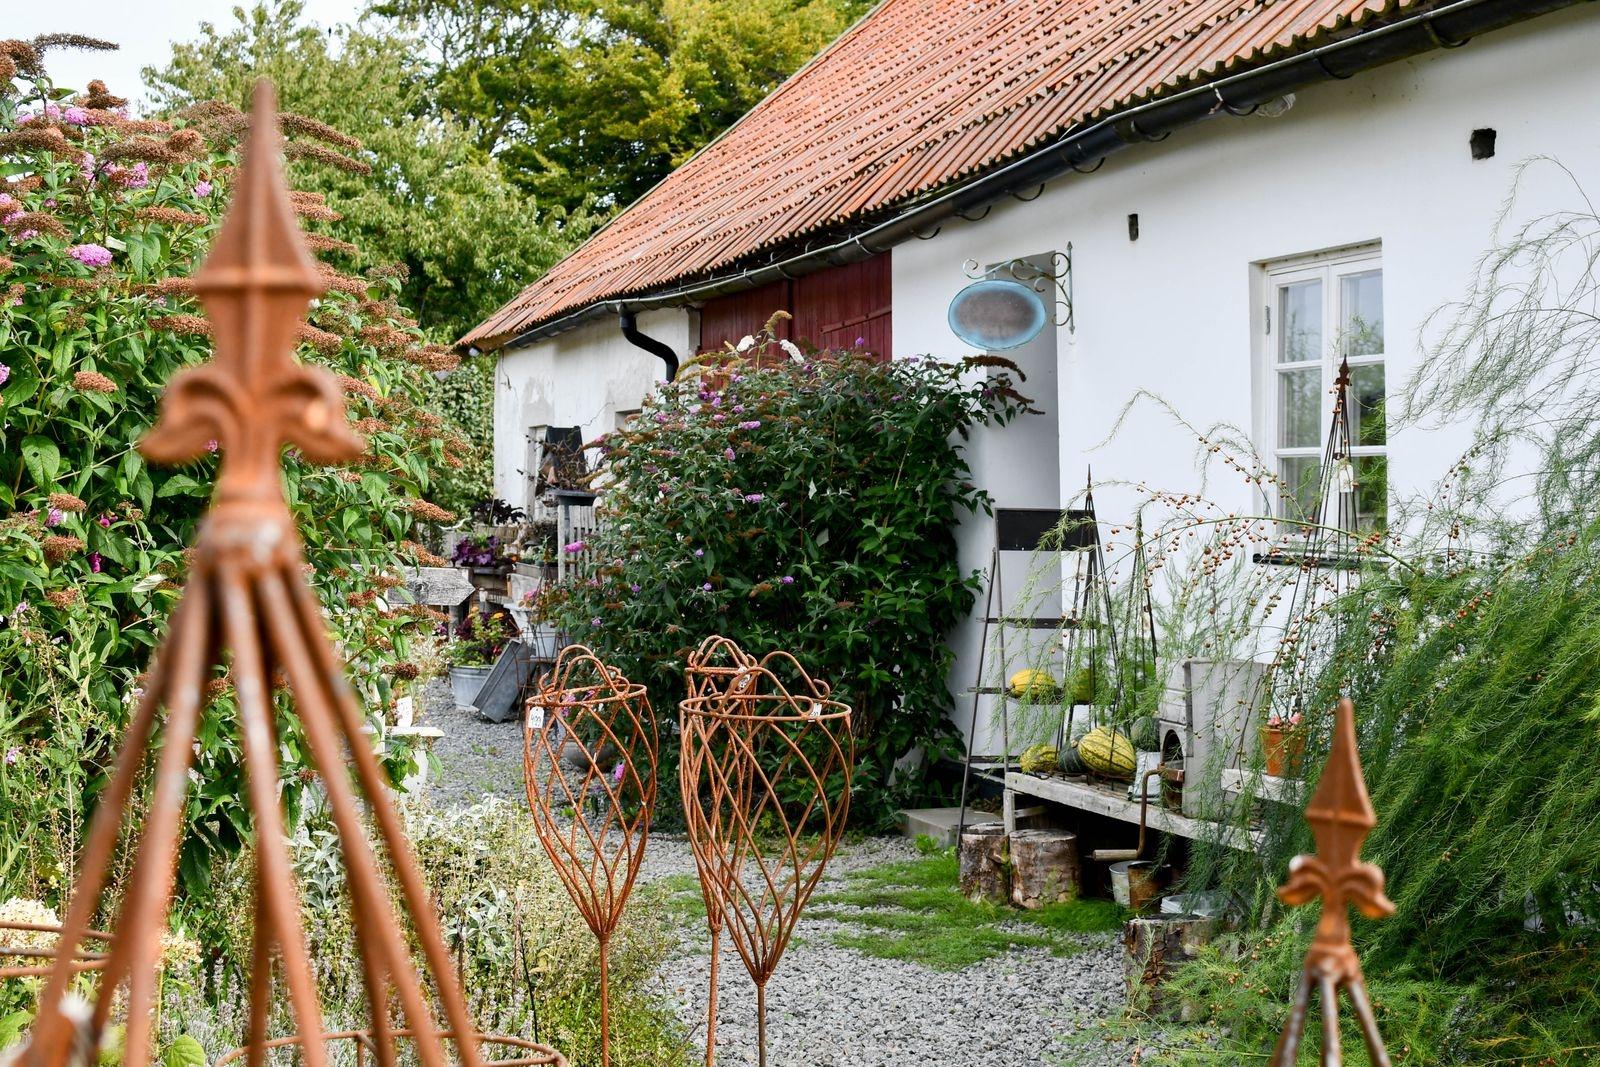 Det finns fortfarande en del växter och trädgårdsprylar i sortimentet - som växtstöden från danska Finn.